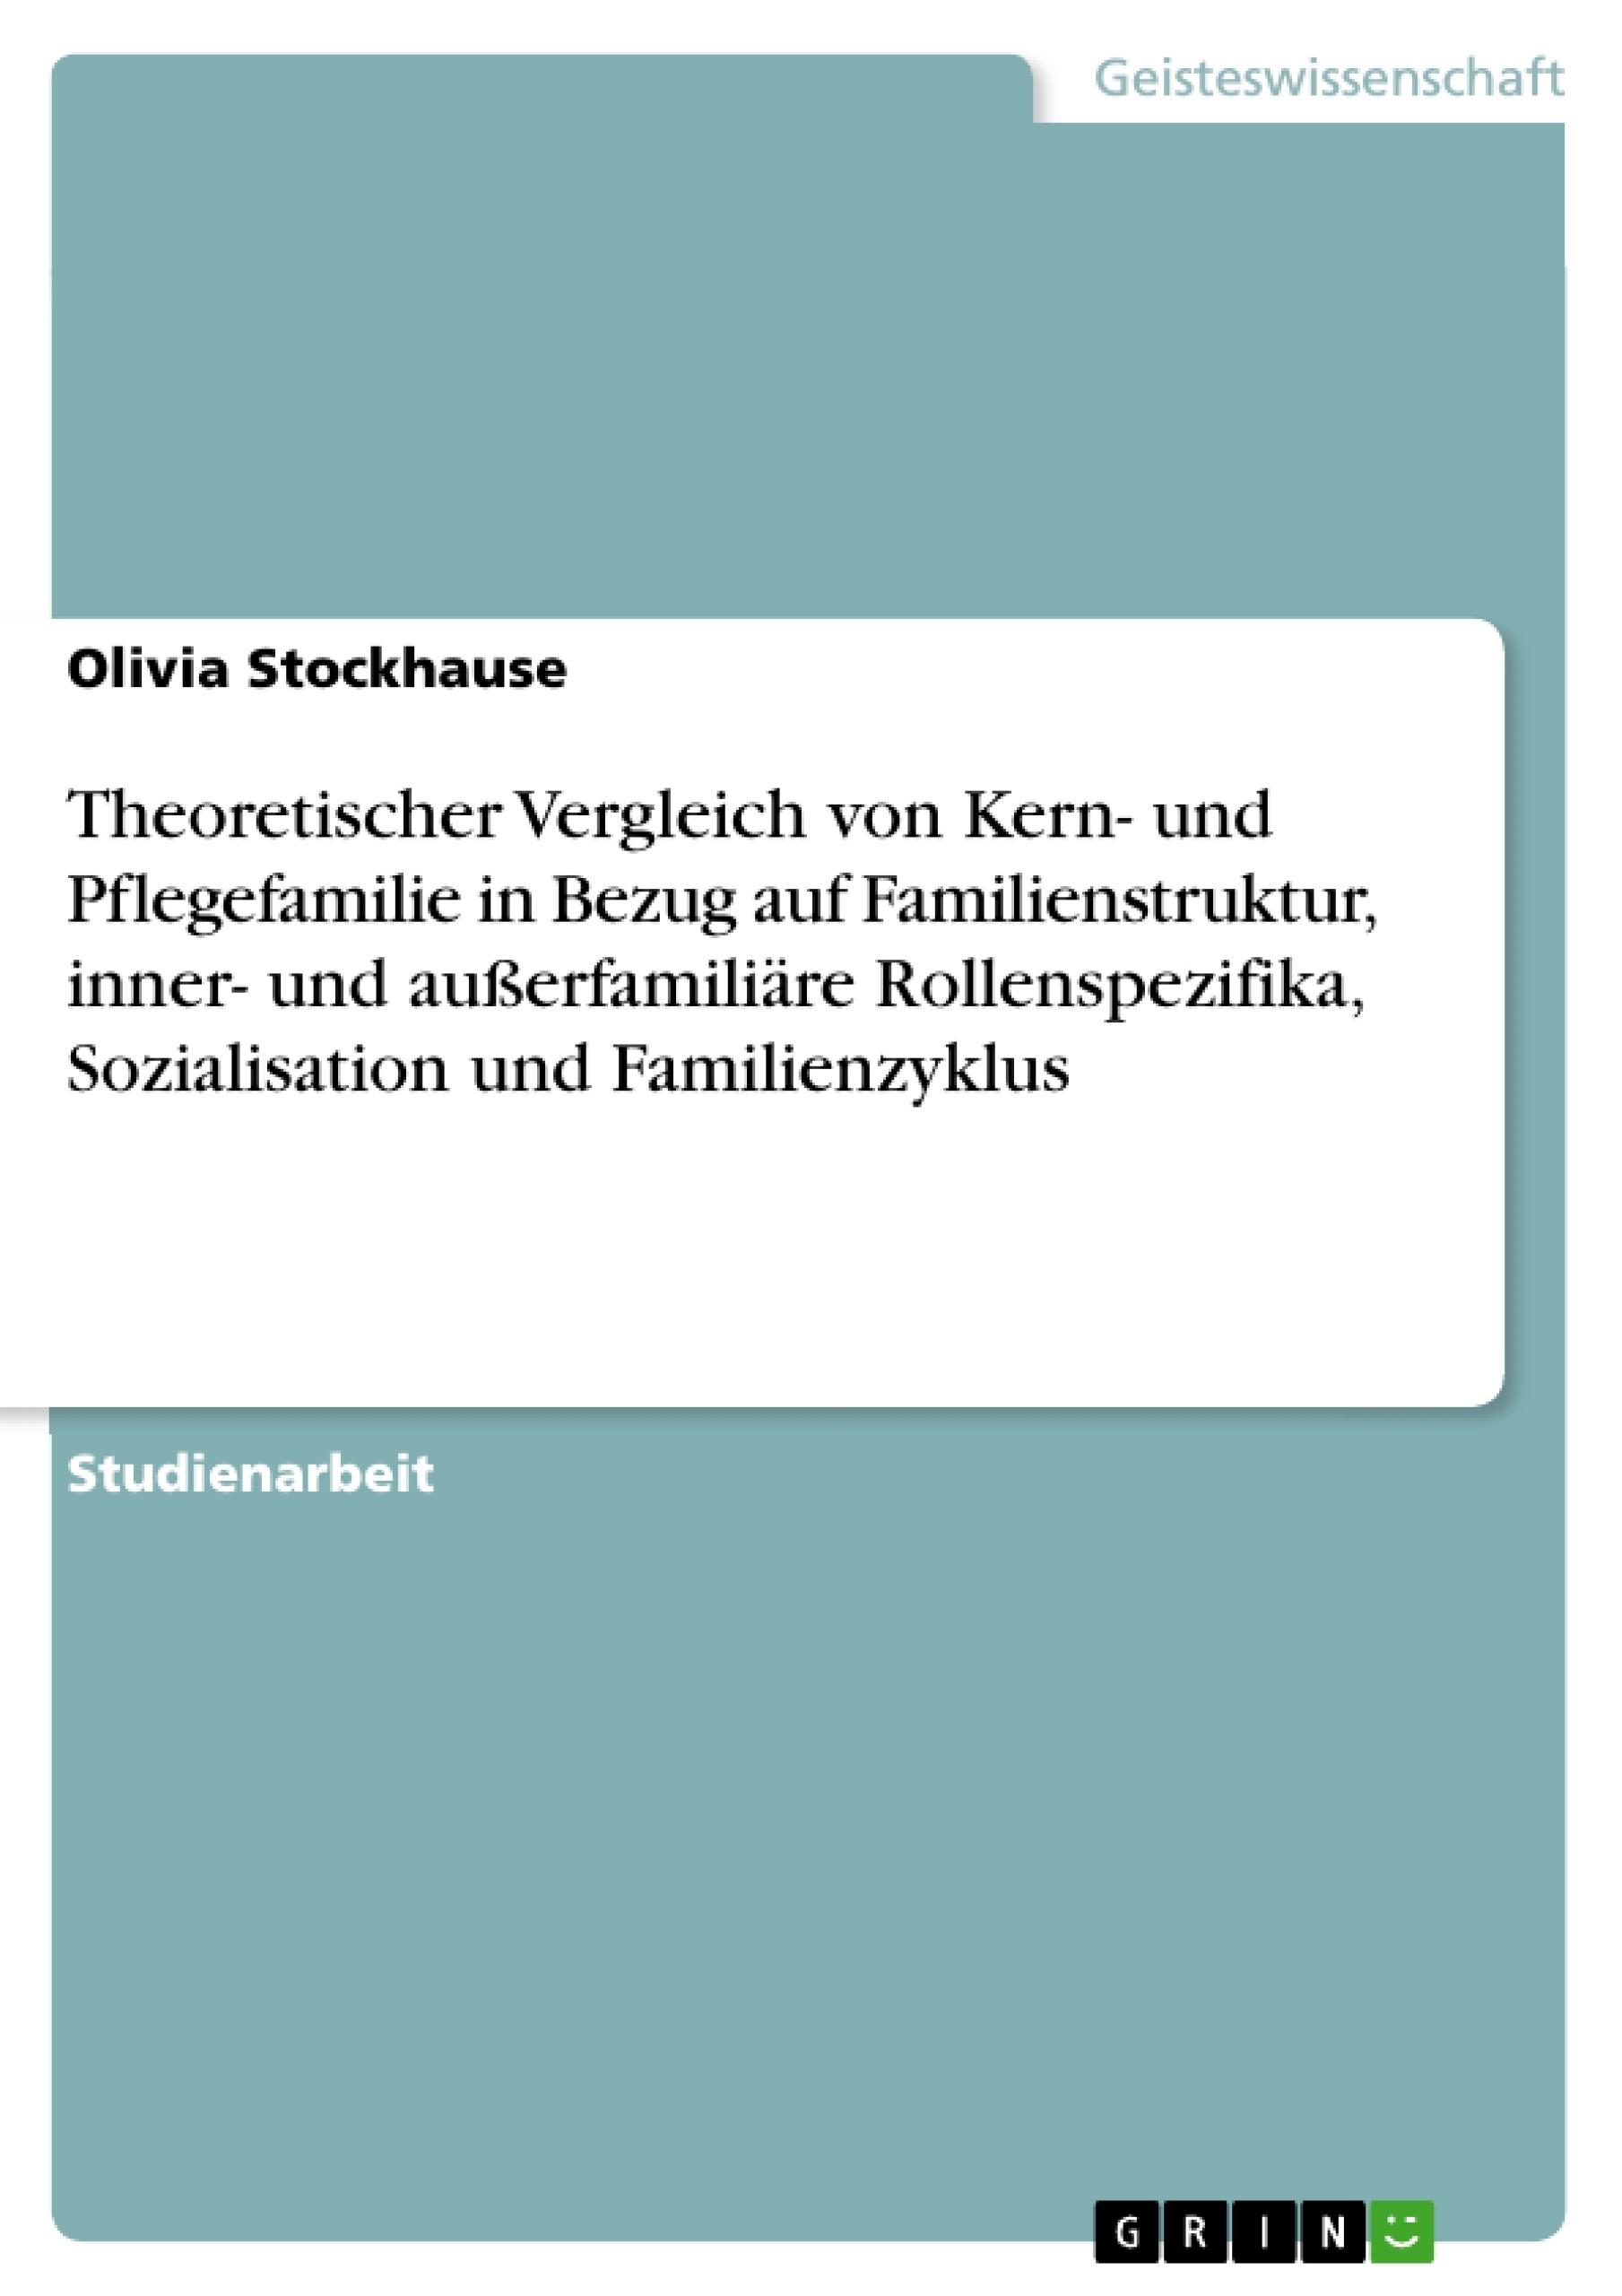 Titel: Theoretischer Vergleich von Kern- und Pflegefamilie in Bezug auf Familienstruktur, inner- und außerfamiliäre Rollenspezifika, Sozialisation und Familienzyklus